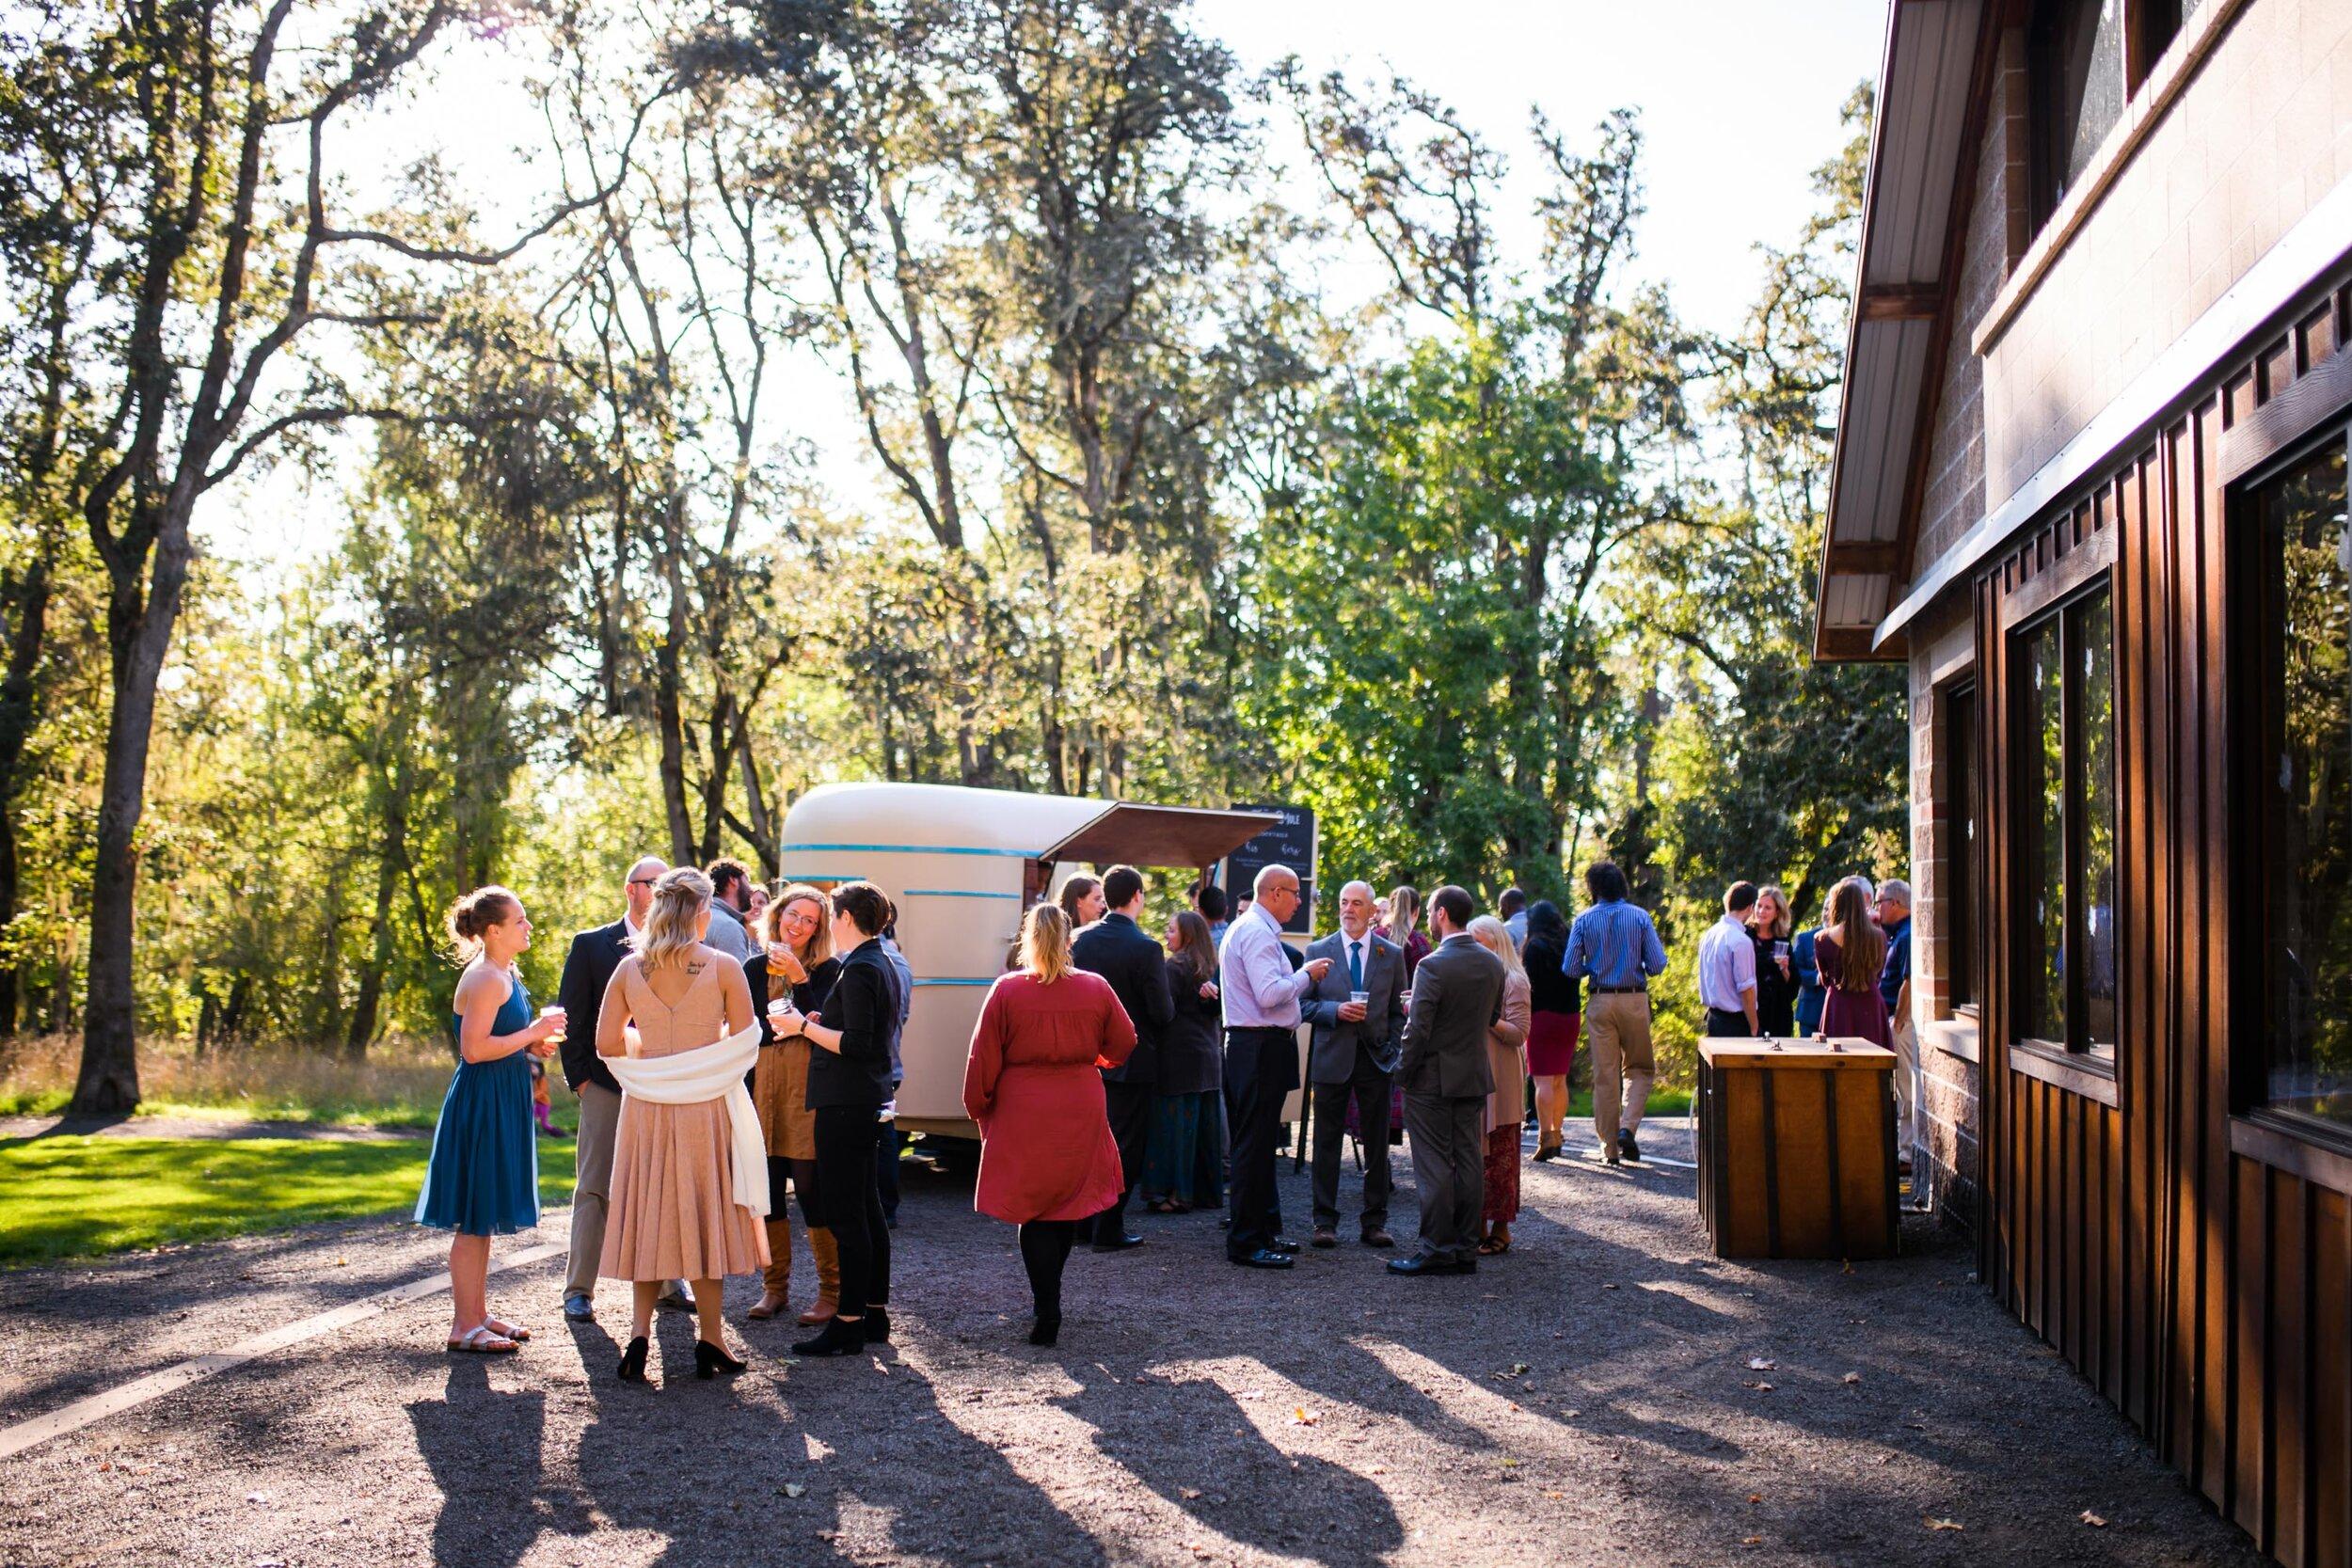 Mt. Pisgah Arboretum wedding photos 89.JPG